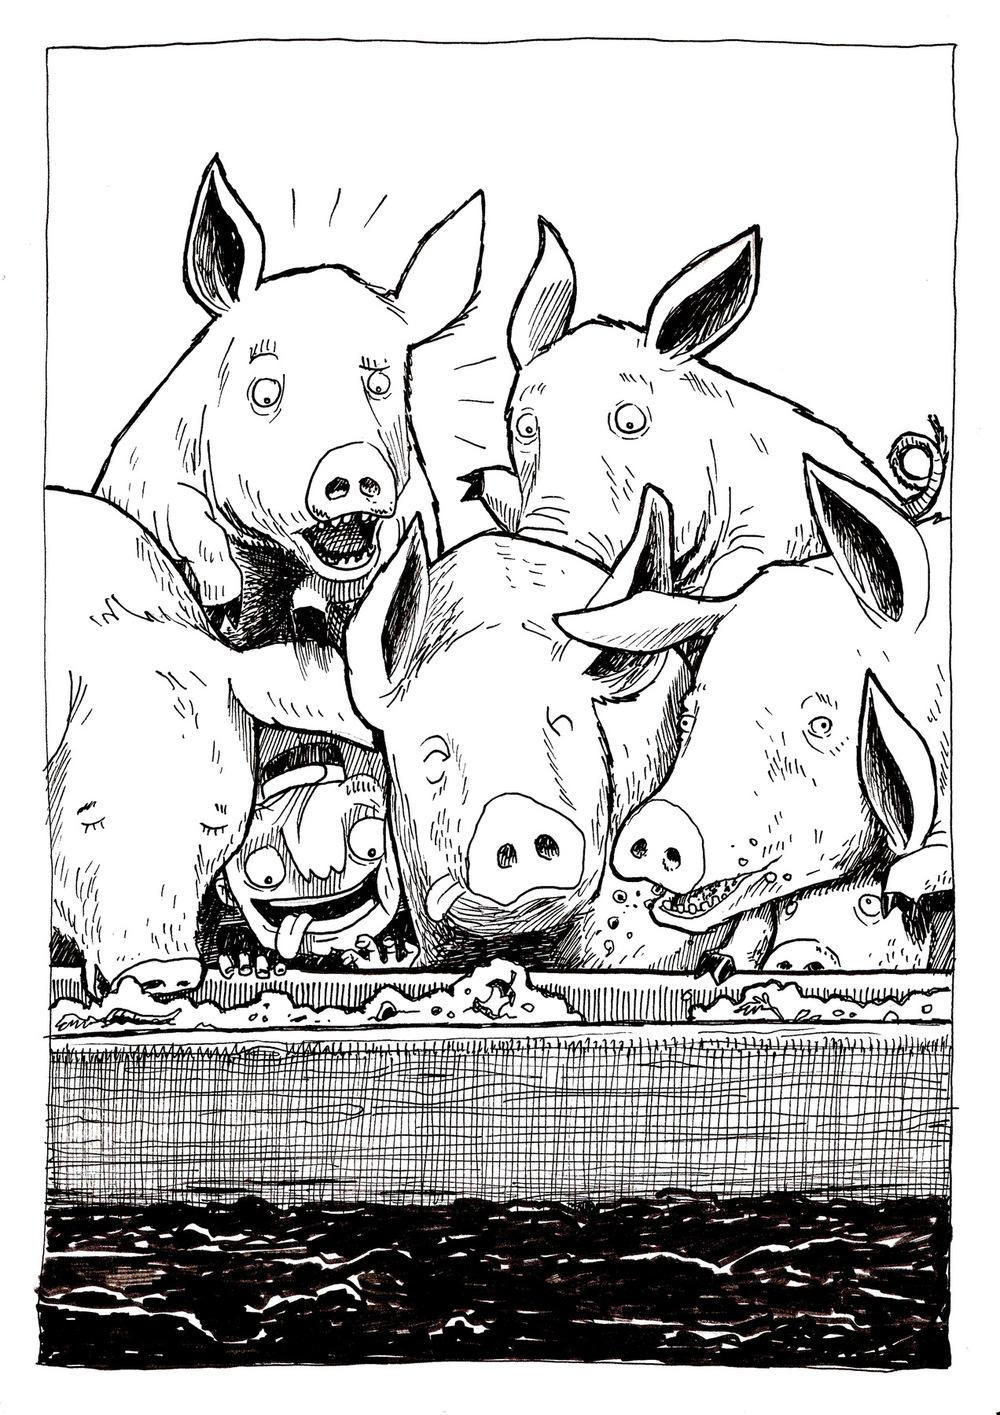 Shimons Hands - Er hätte gern seinen Hunger mit den Futterschoten gestillt, die die Schweine fraßen; aber niemand gab ihm davon. Da ging er in sich und sagte: Wie viele Tagelöhner meines Vaters haben mehr als genug zu essen und ich komme hier vor Hunger um.